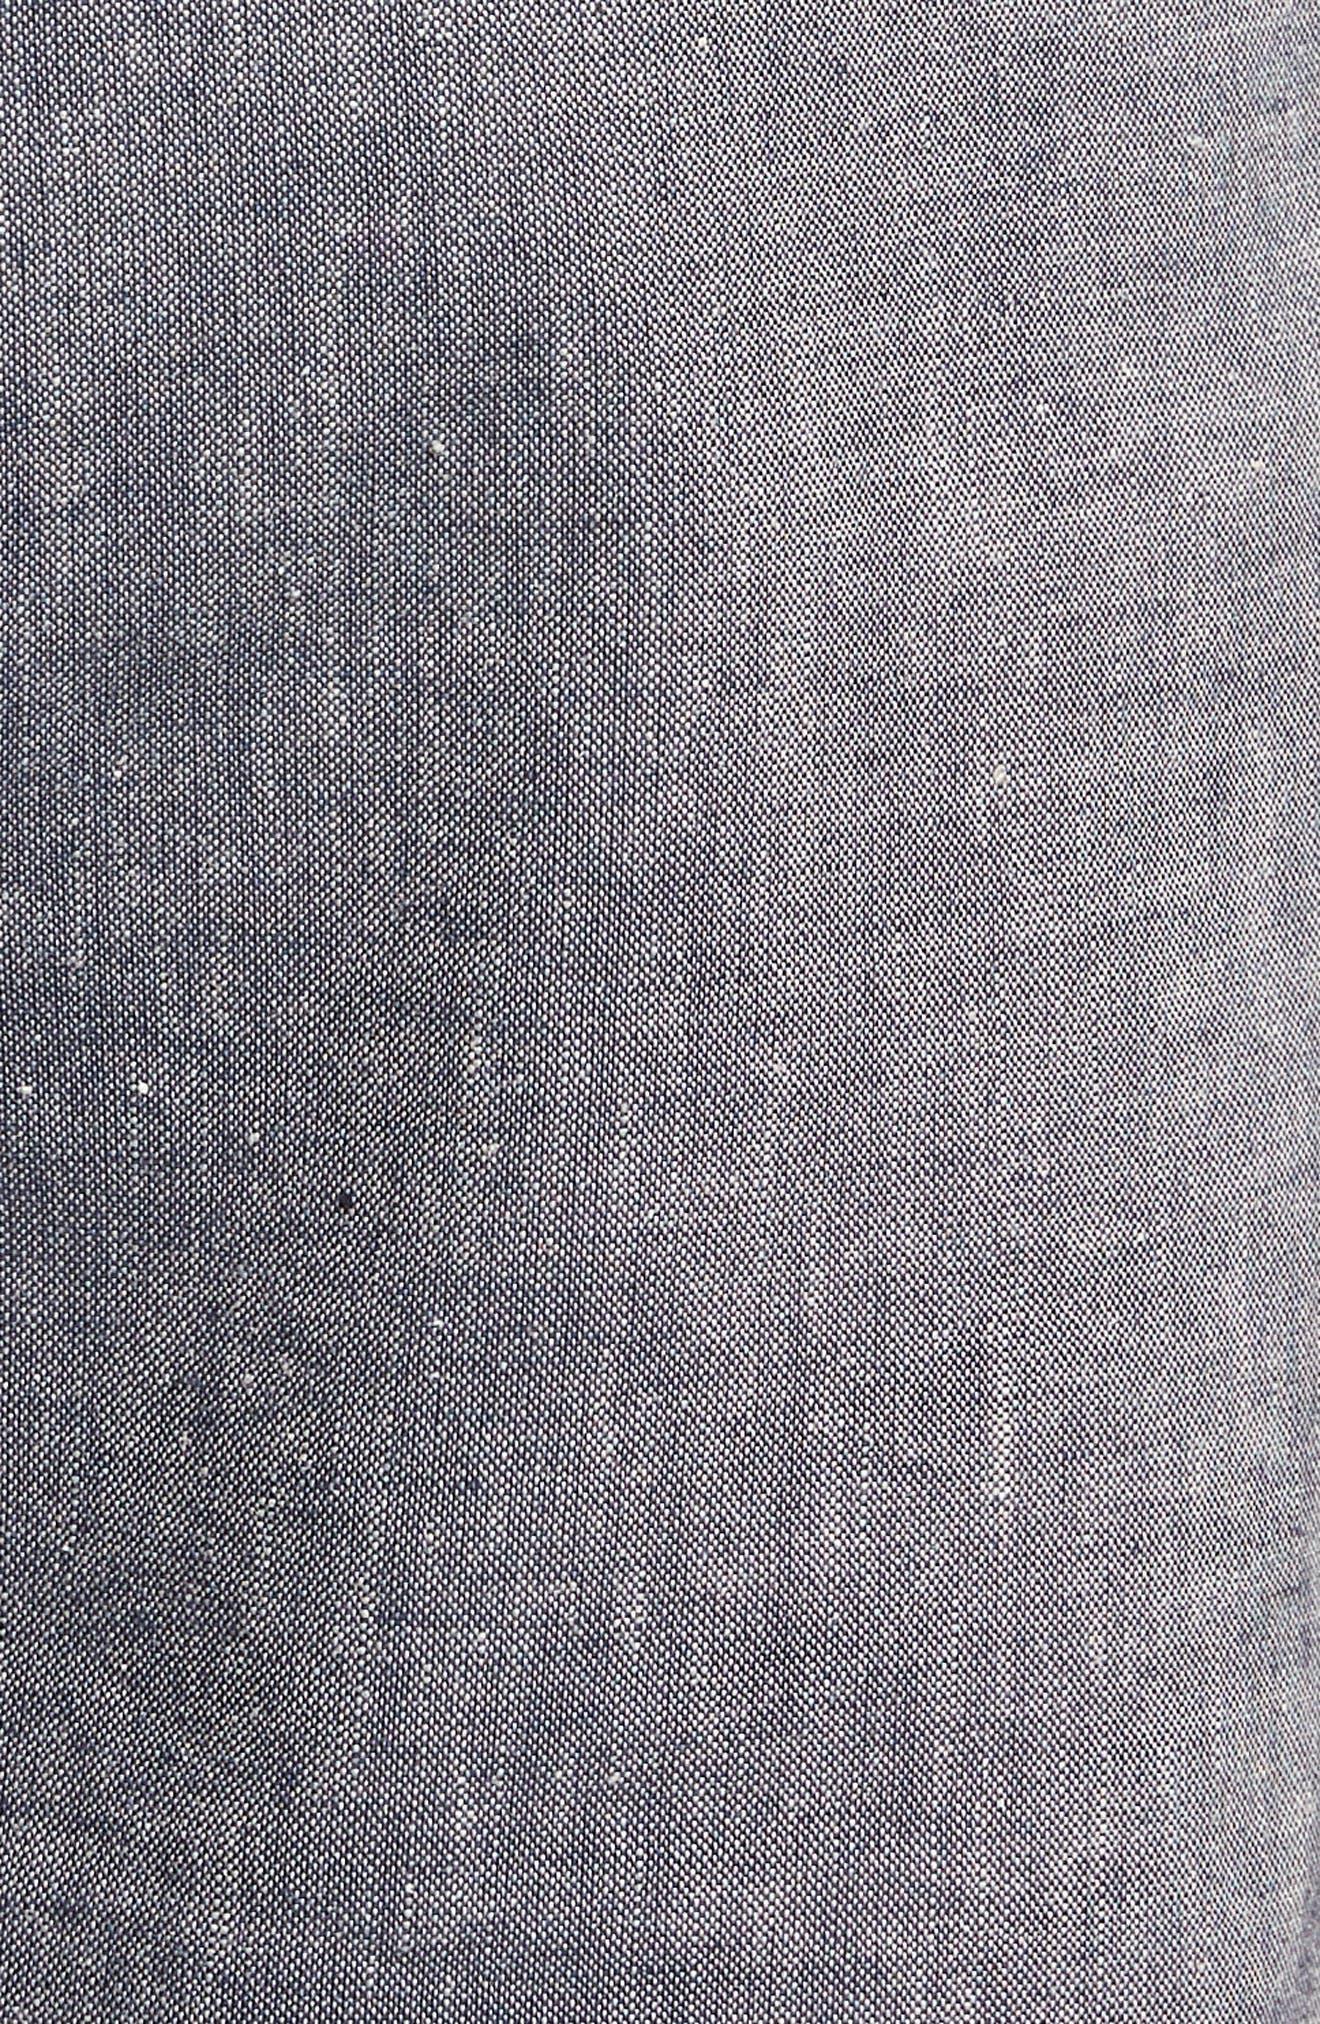 Novelty Chino Shorts,                             Alternate thumbnail 5, color,                             Grey Chambray